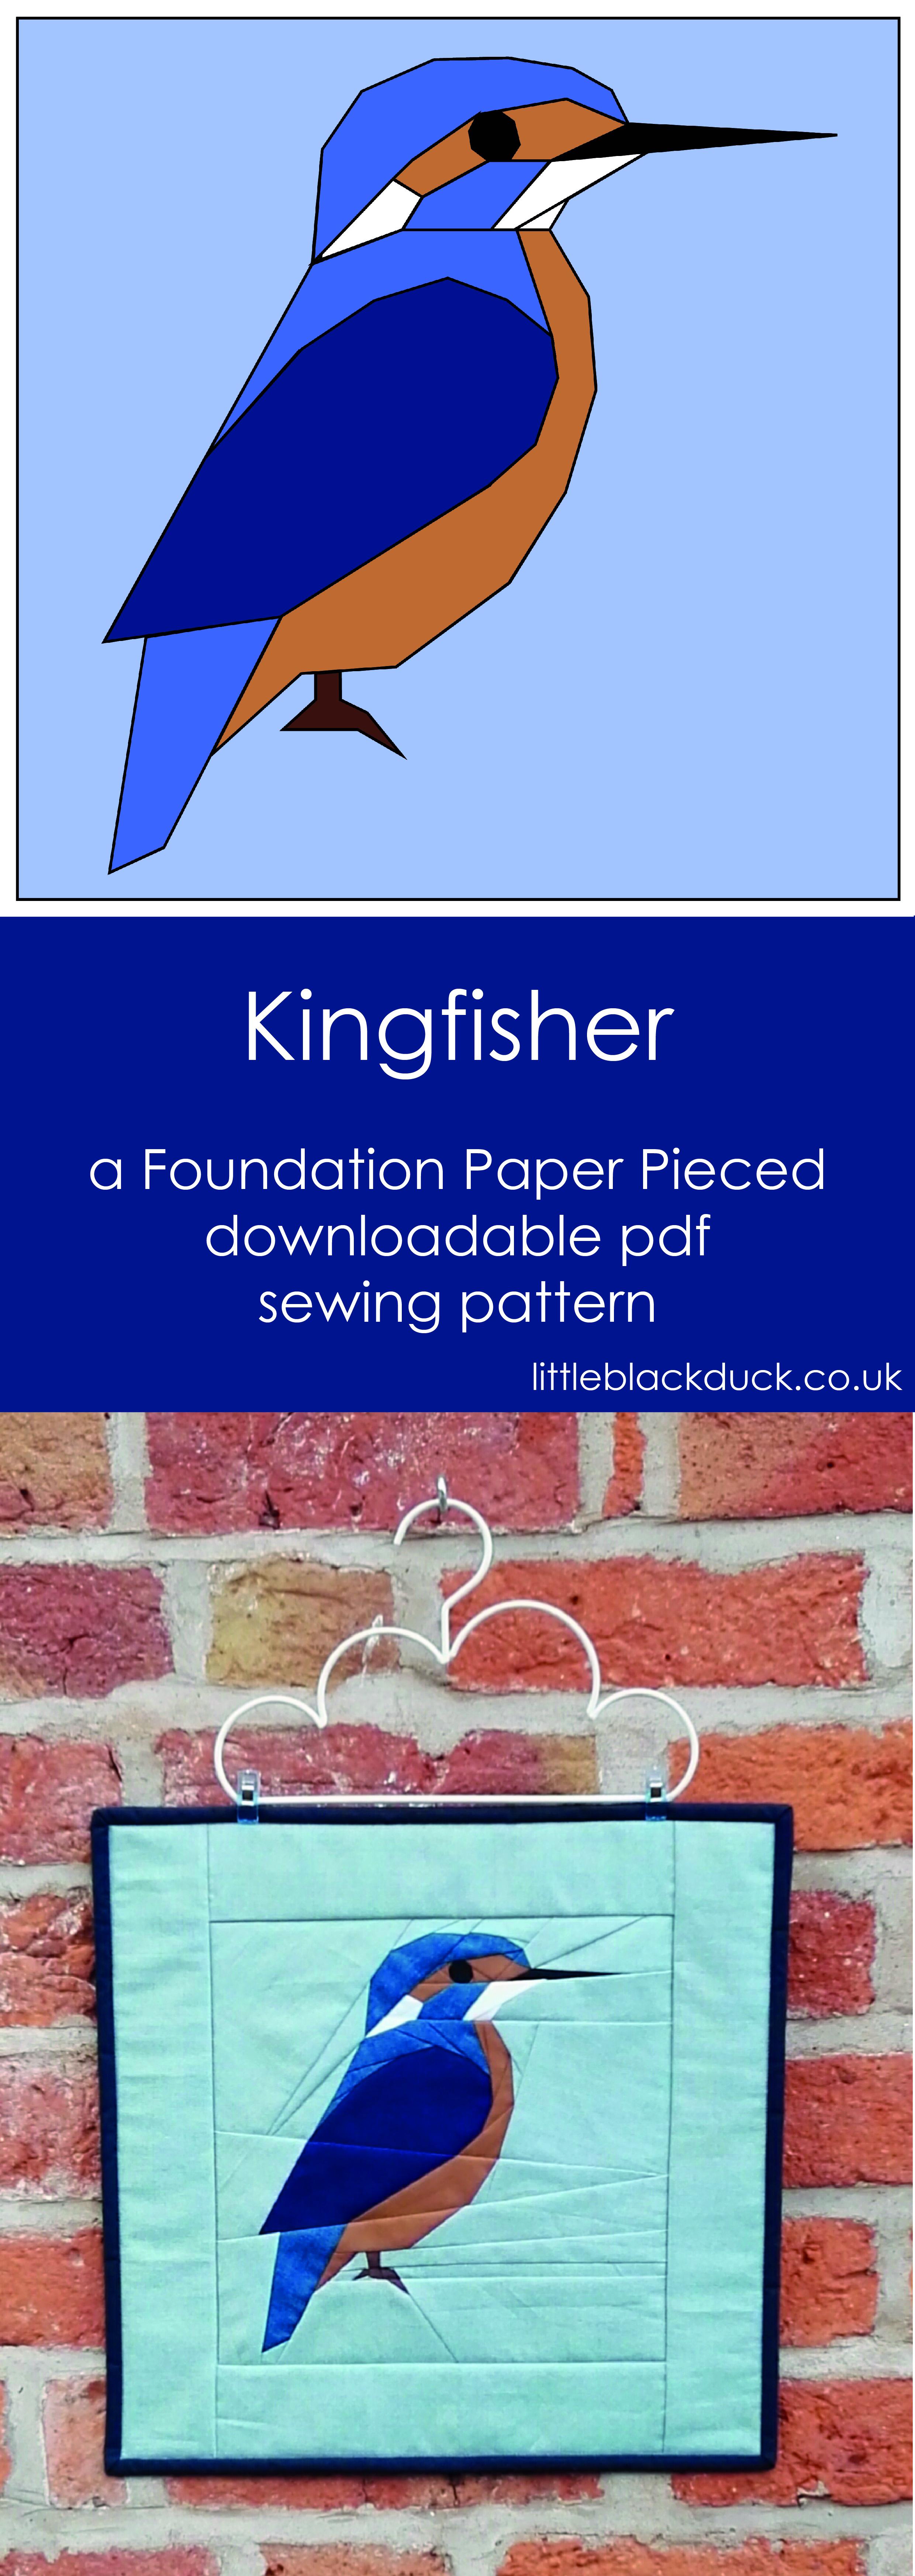 Kingfisher FPP pdf pattern